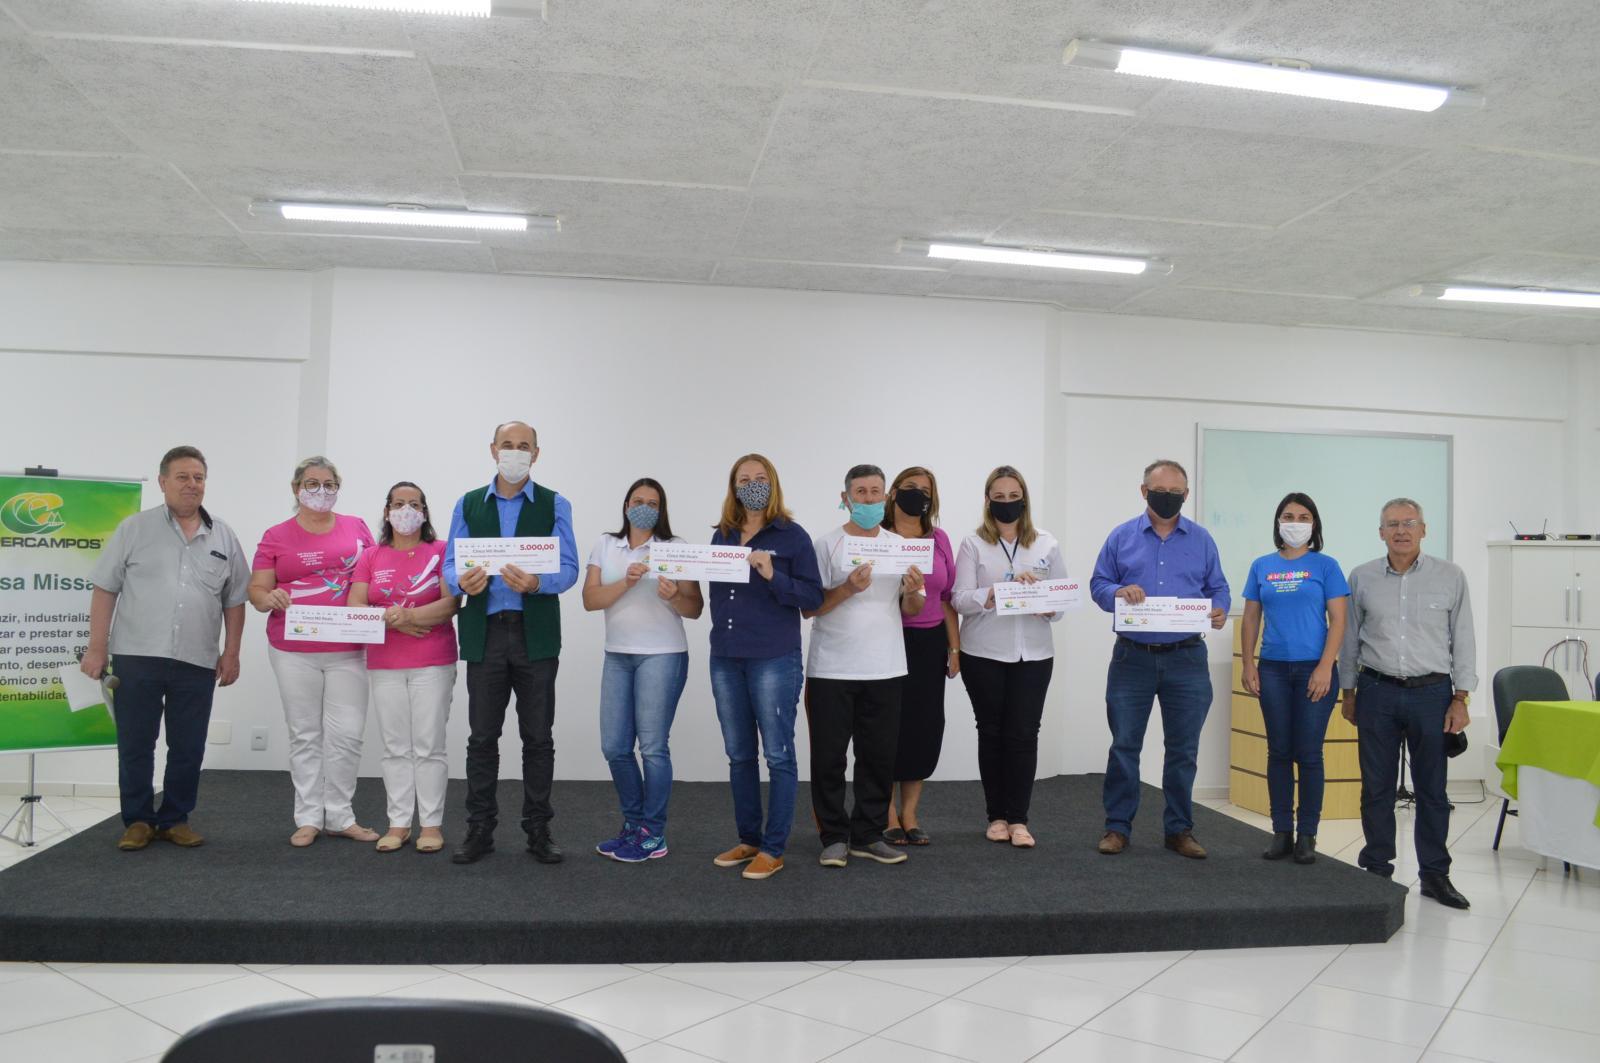 50 ANOS COPERCAMPOS - DOAÇÃO E PANETONES DO BEM